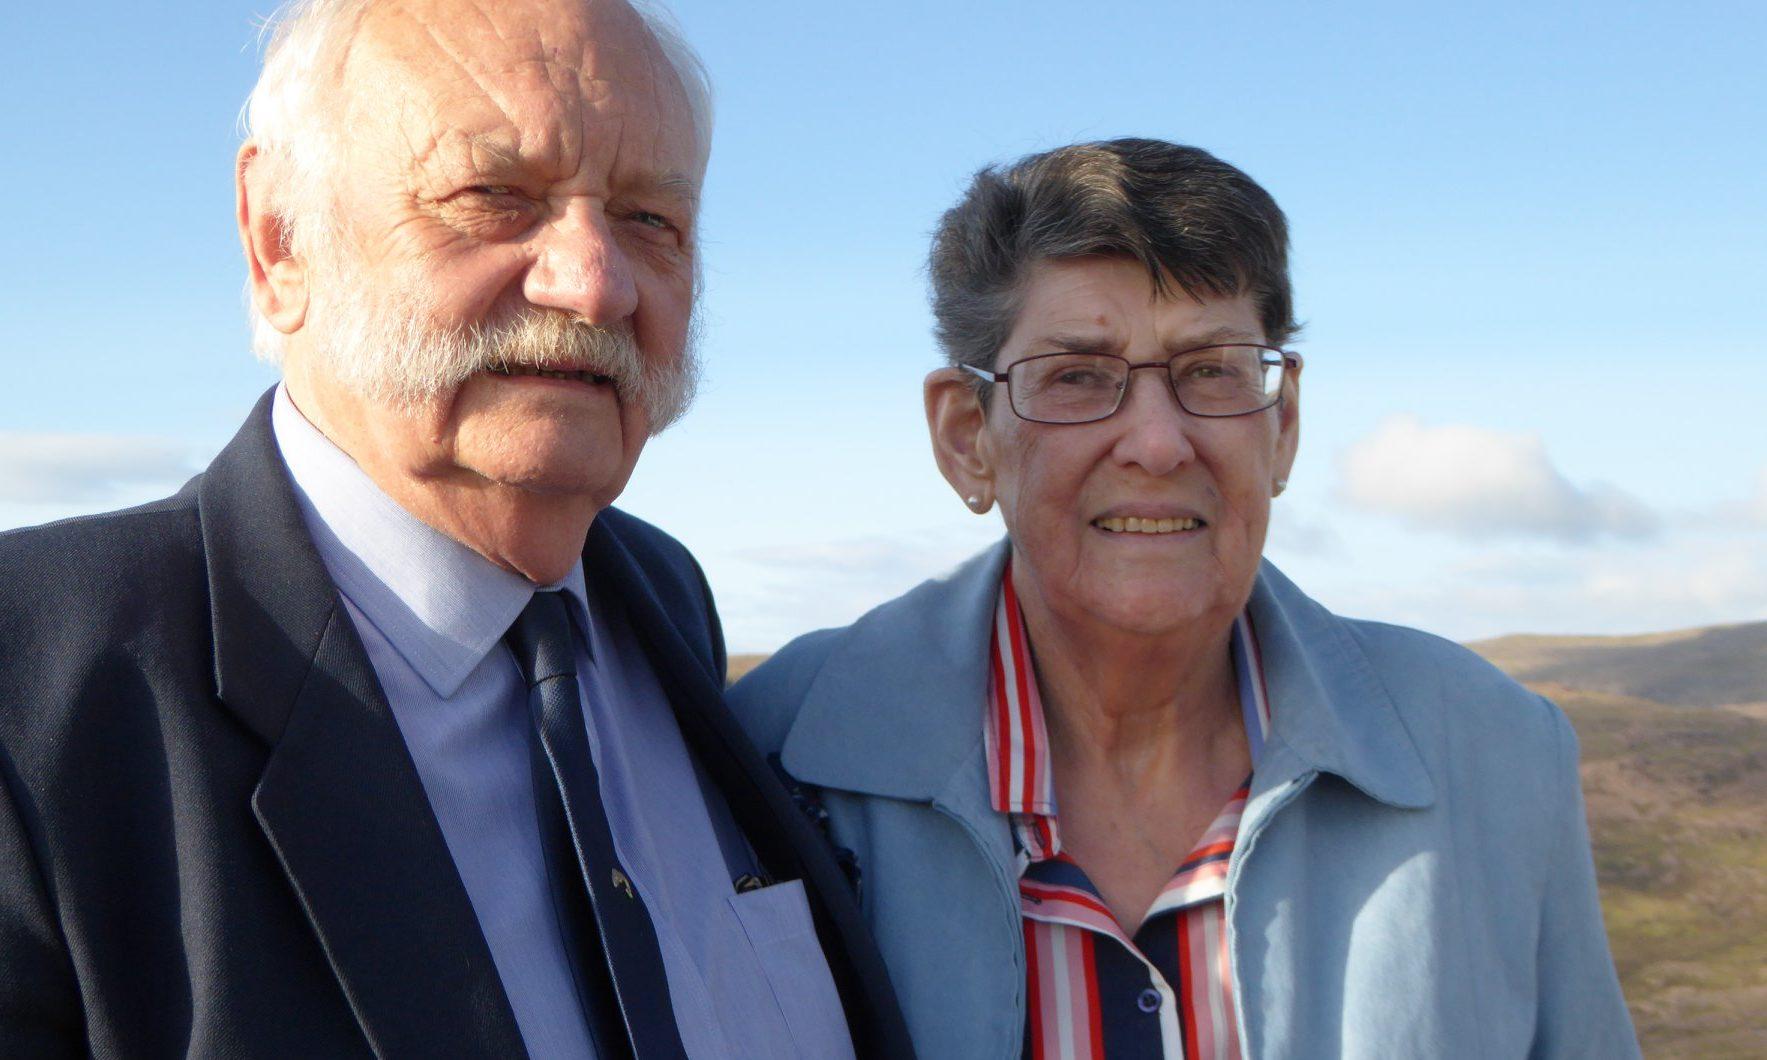 Dan and Ruth Marshall